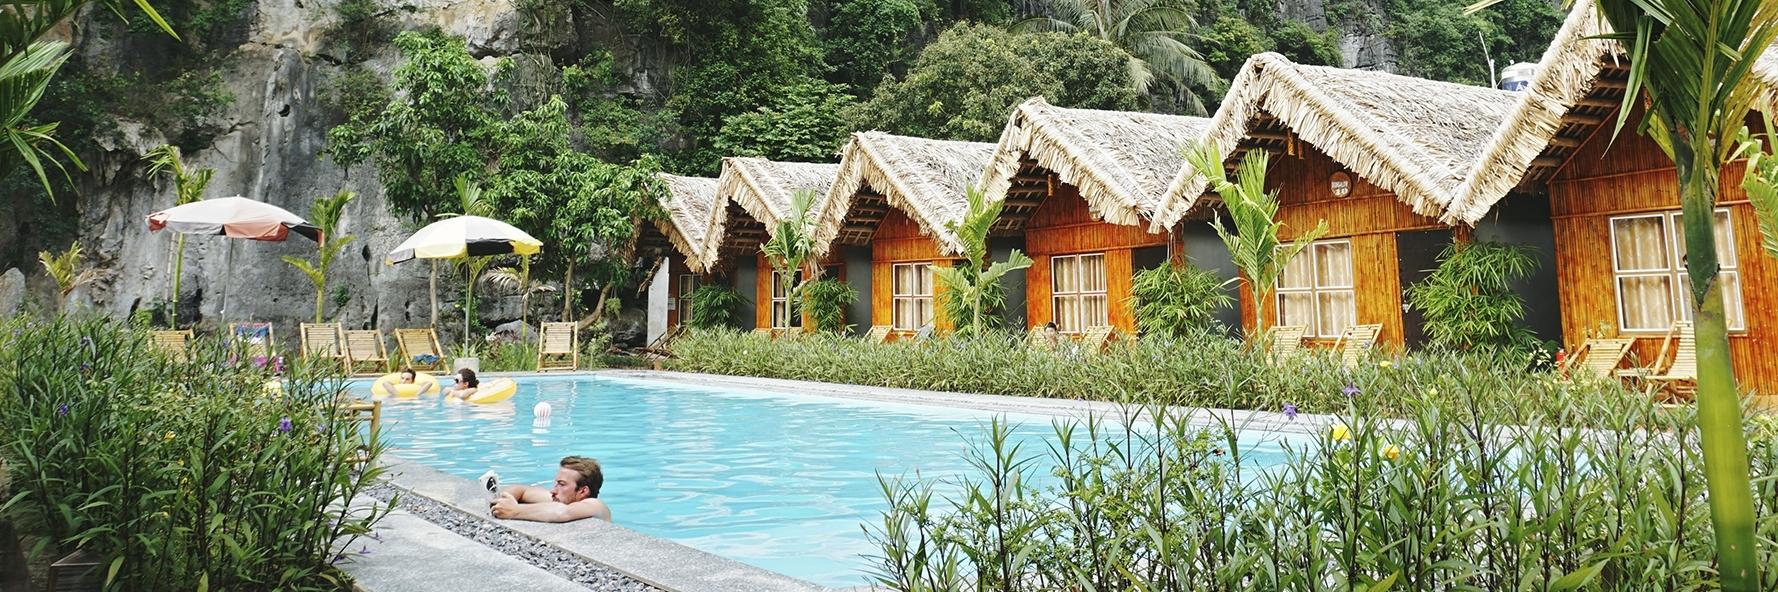 http://gody.vn/blog/nhu.bach7672/post/review-chi-tiet-tam-coc-valley-bungalow-thien-duong-nghi-duong-trong-long-nui-da-voi-ninh-binh-277